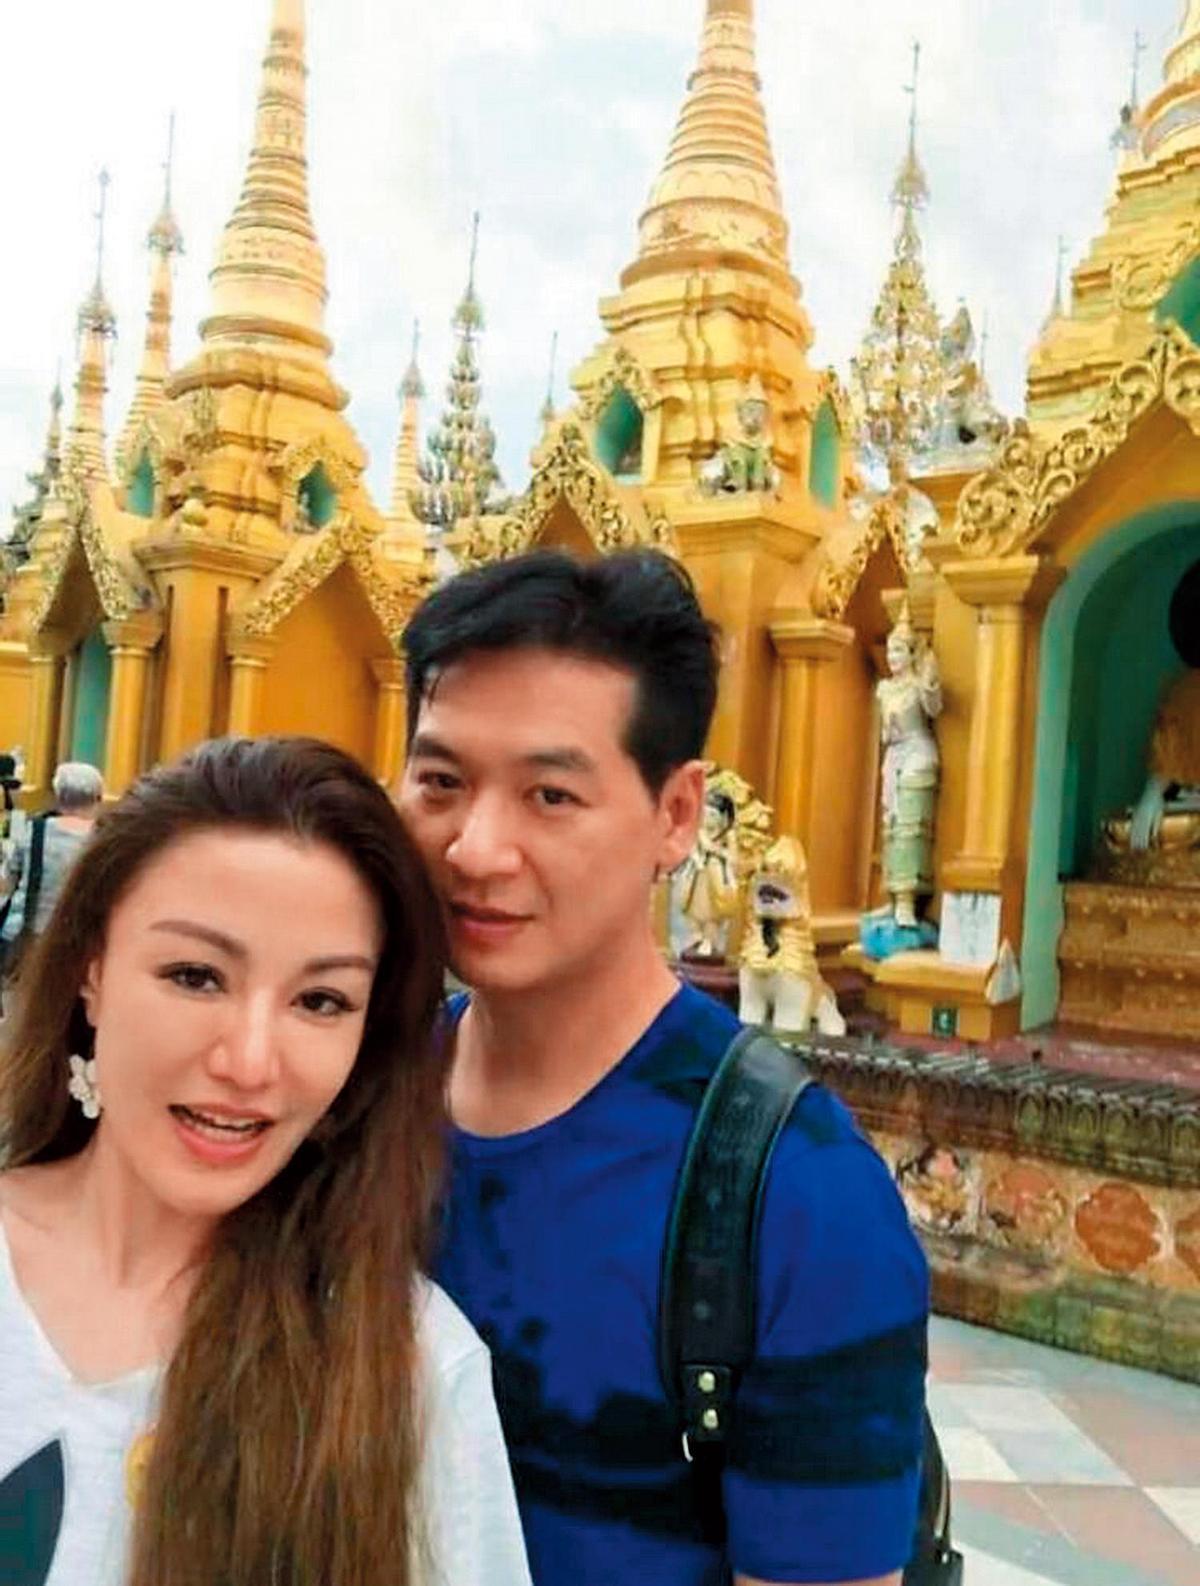 李珍妮與陳友亮情正濃時,曾在臉書po出兩人同遊緬甸的照片。(翻攝自李珍妮臉書)